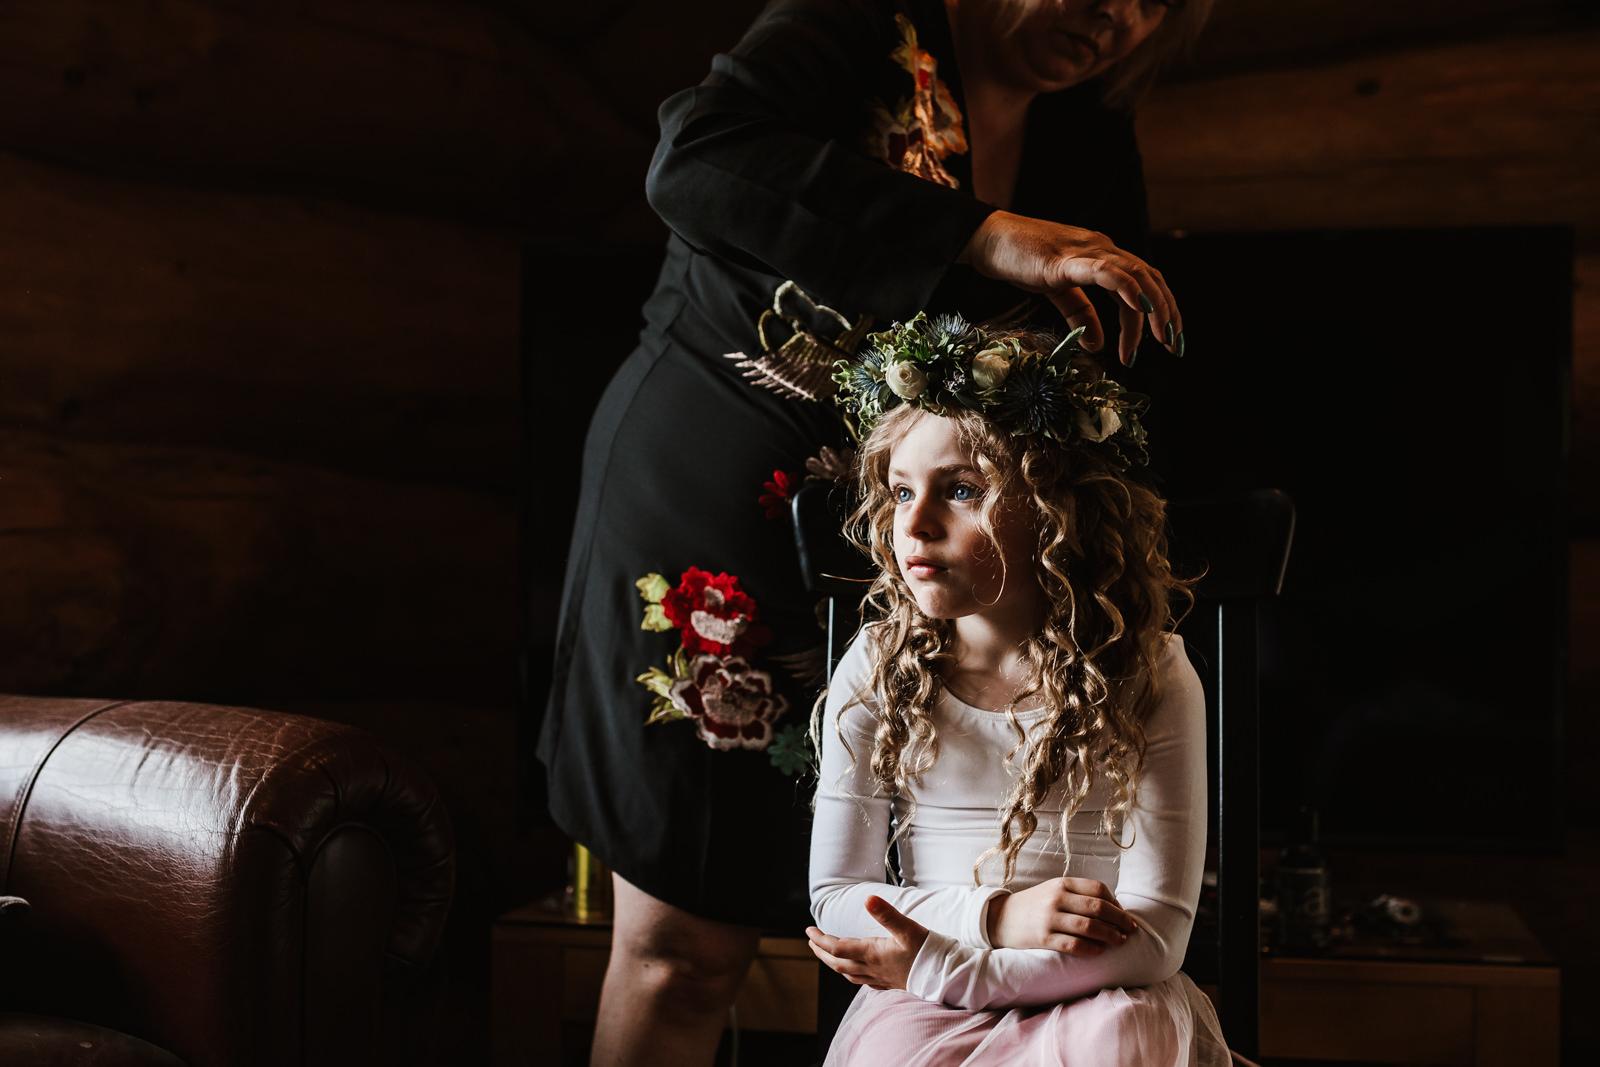 Little girl wearing her flower crown